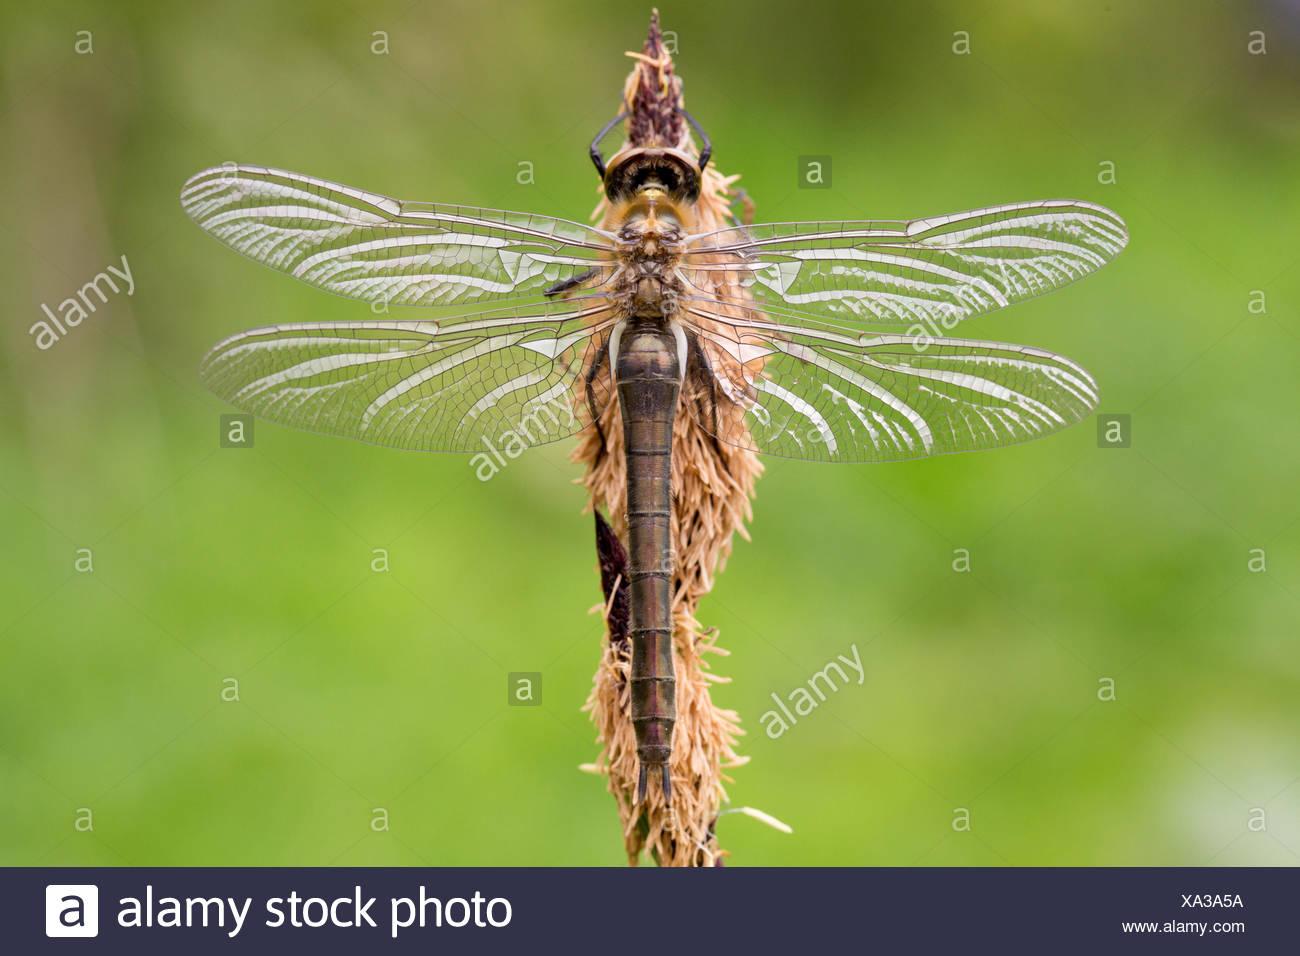 76+ Gambar Alam Flora Dan Fauna Terbaik